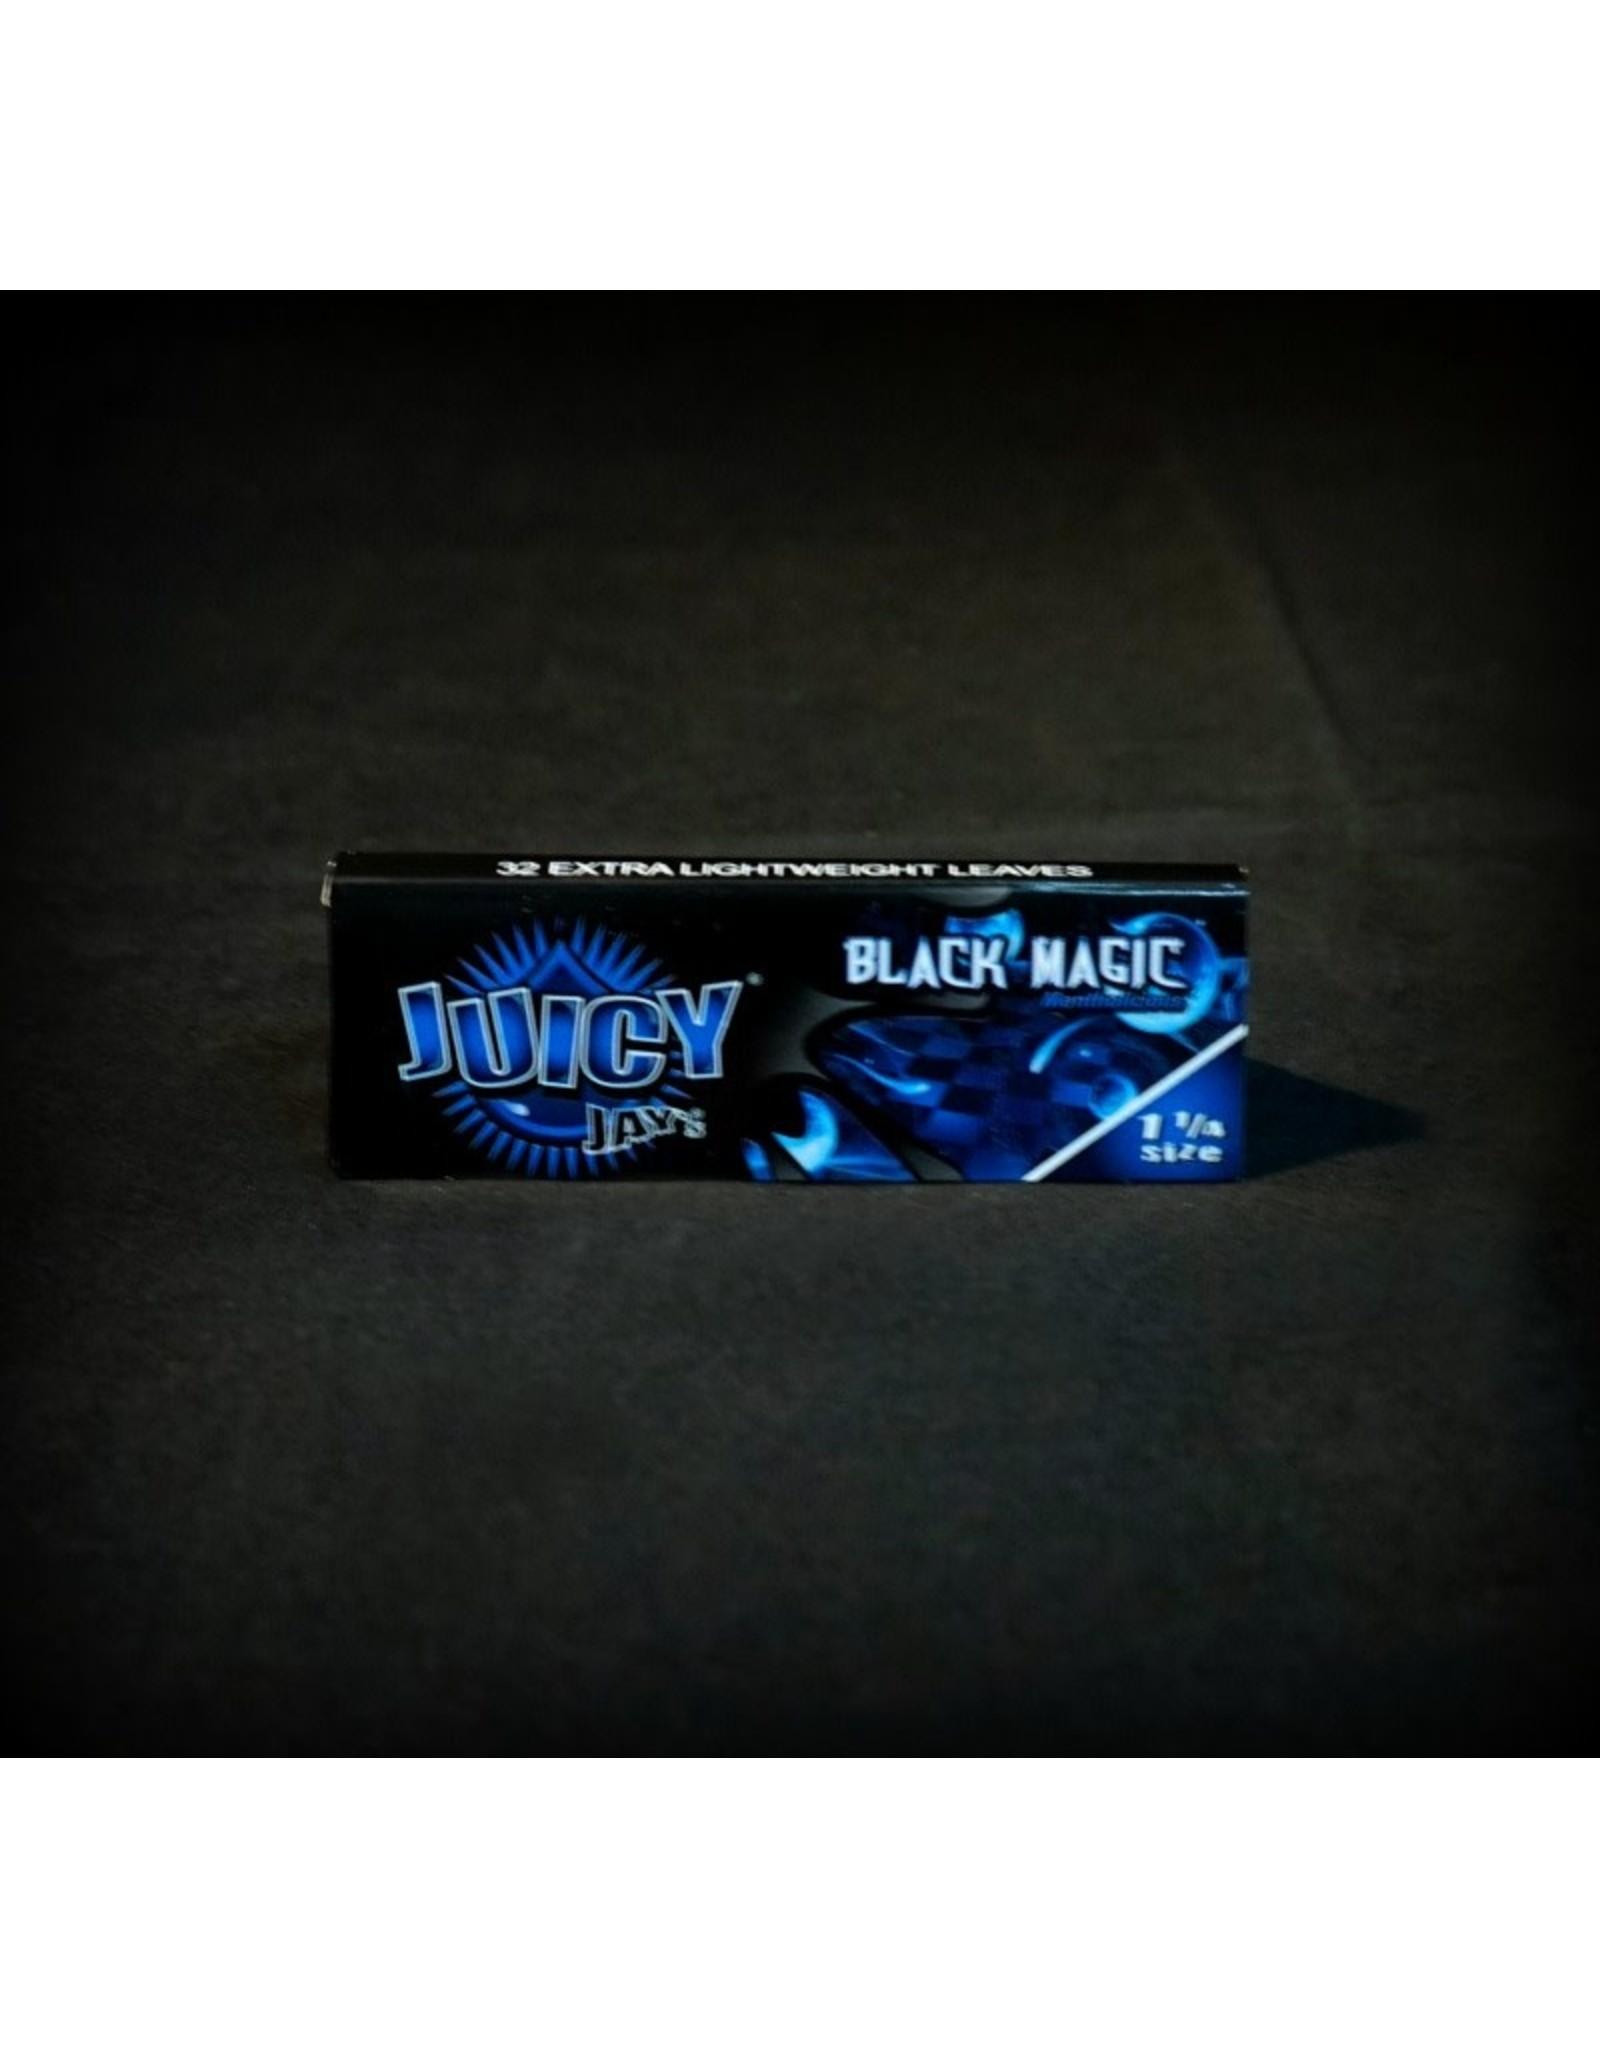 Juicy Jay's Juicy Jay's Black Magic 1.25